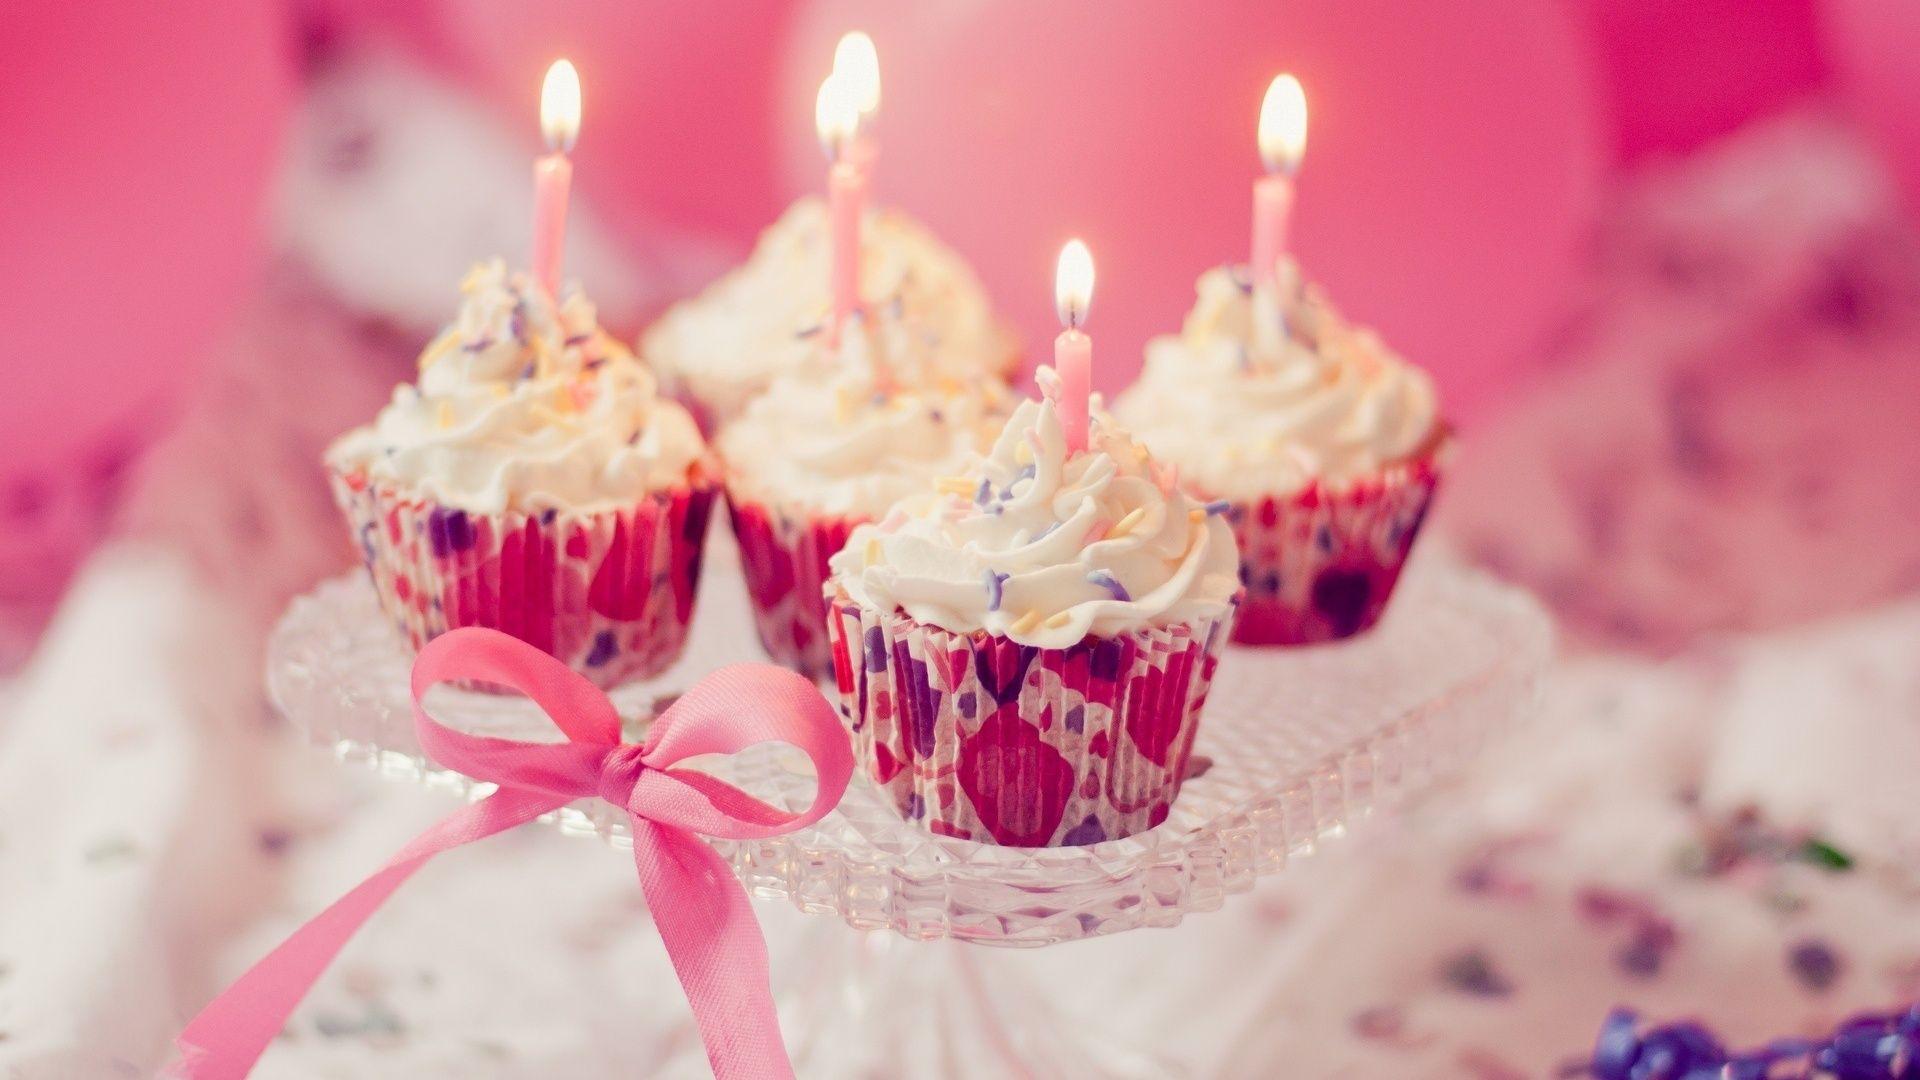 Birthday Cake 1080p Wallpaper